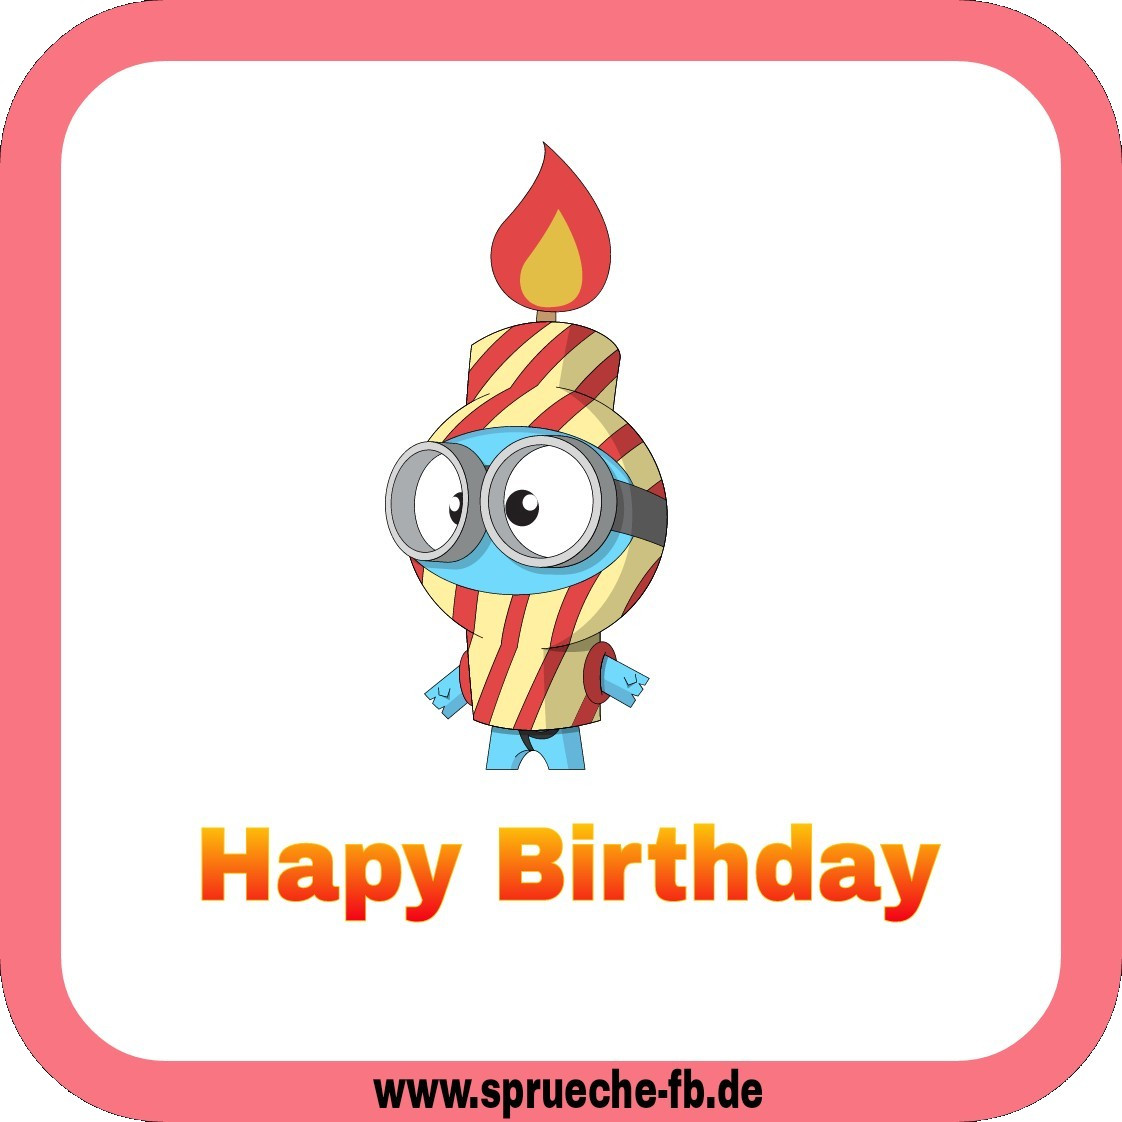 Geburtstagsbilder Whatsapp  bilder für whatsapp geburtstag sms sprüche guten morgen